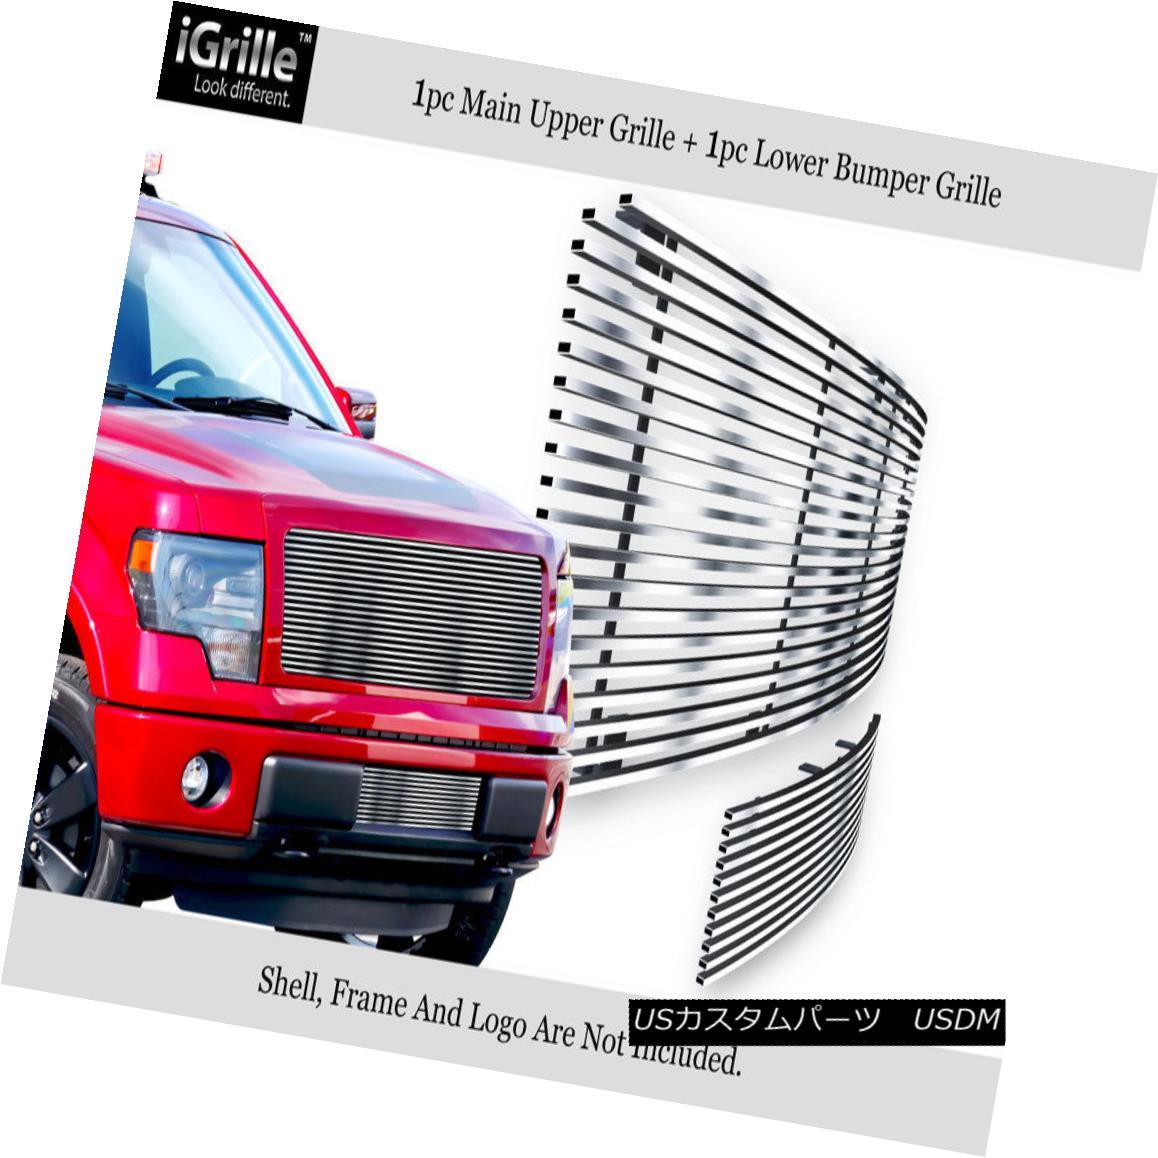 グリル Fits 2009-2014 Ford F150 Stainless Steel Billet Grille Grill Insert Upper+Lower フィット2009-2014フォードF150ステンレス鋼ビレットグリルグリルインサート上部+下部